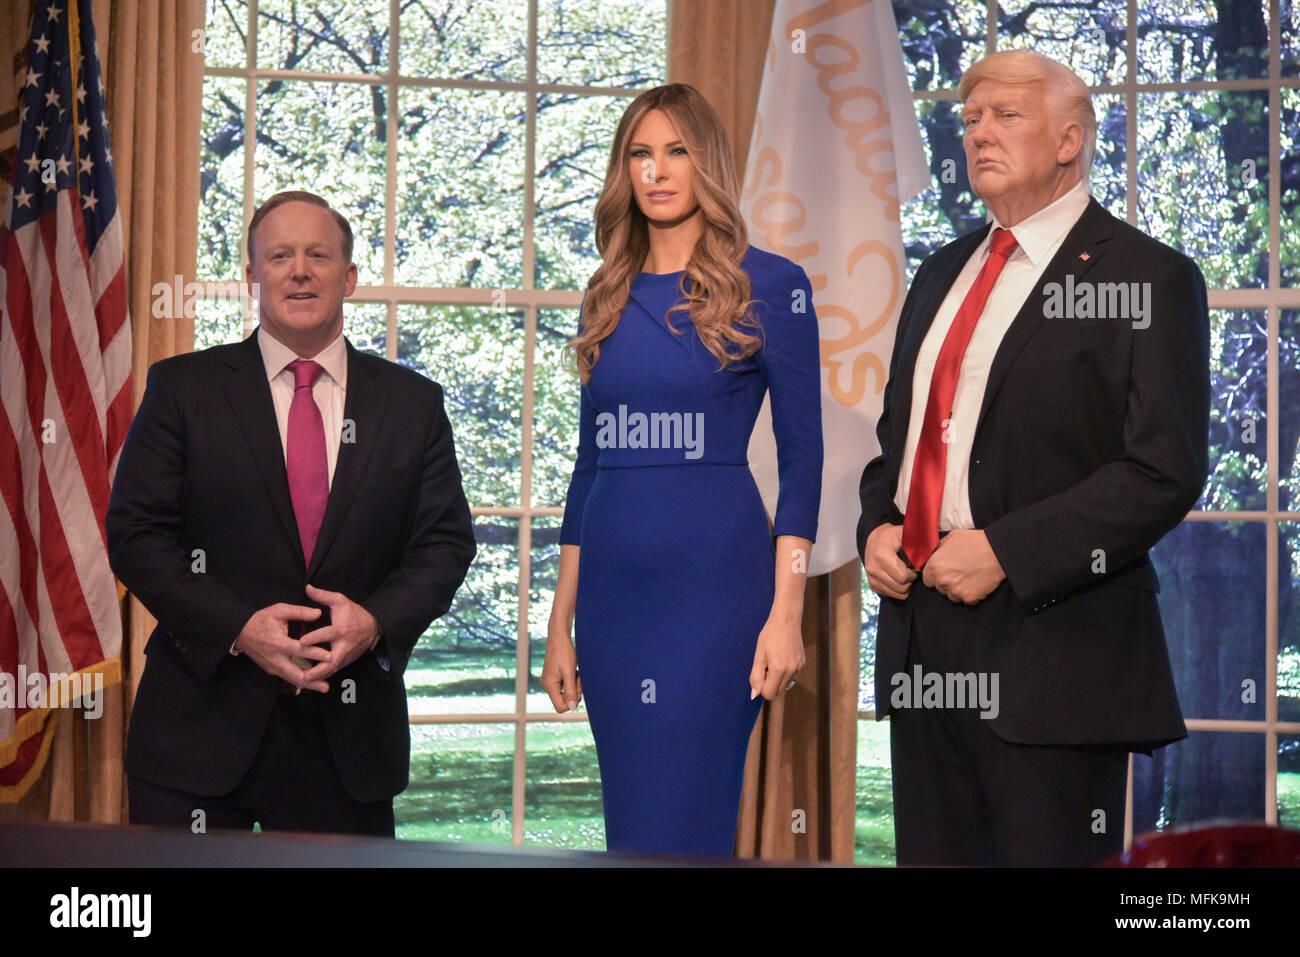 madame tussauds new york reveals stockfotos und -bilder